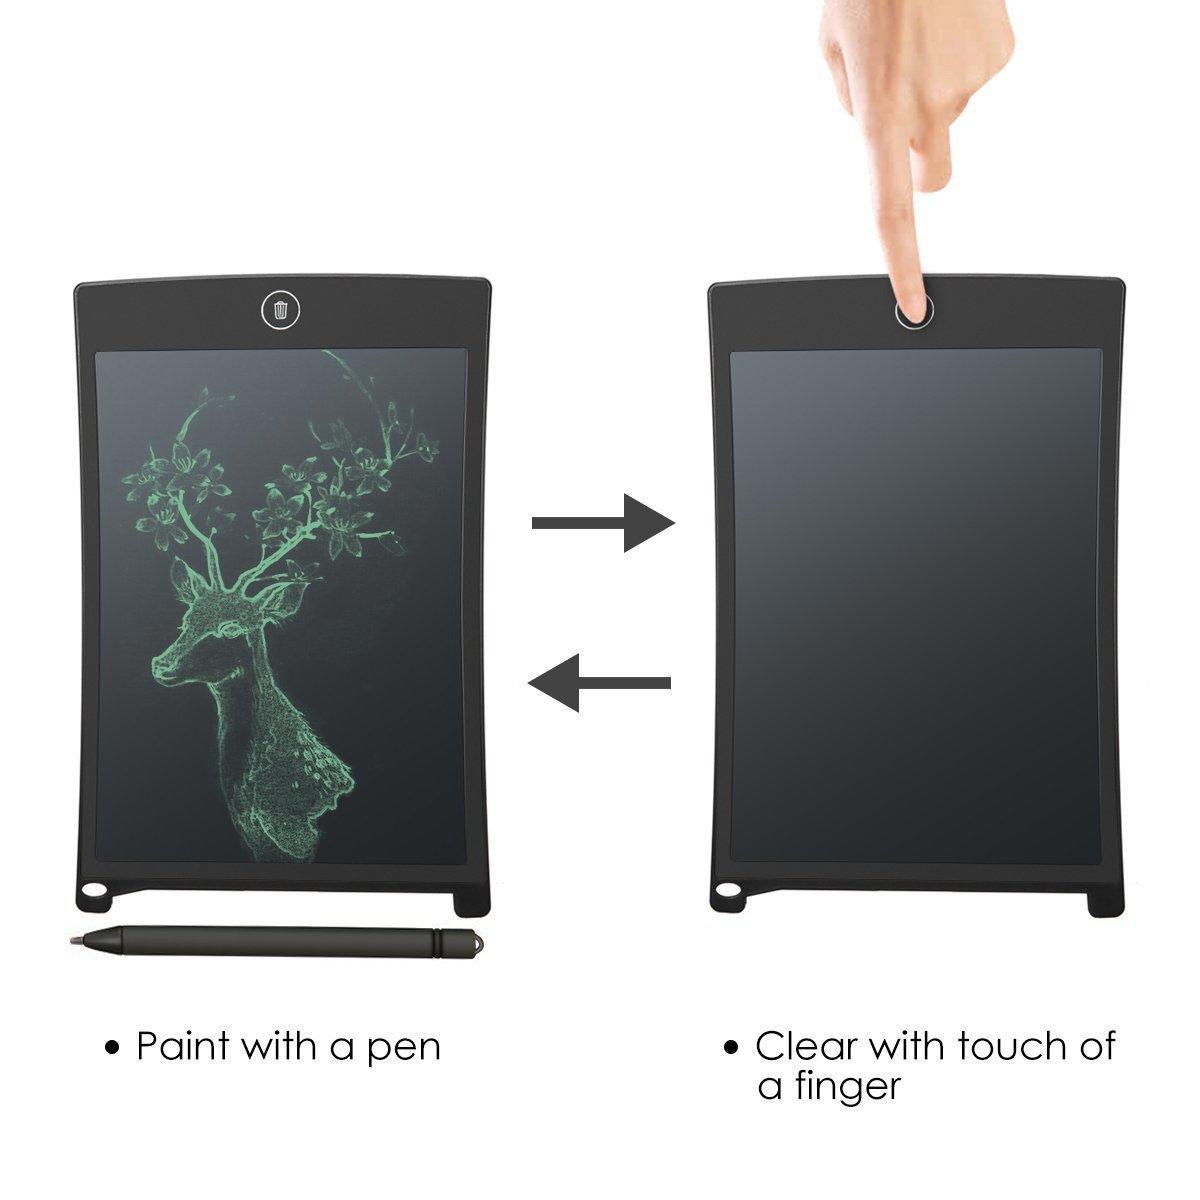 Tableta de Escritura LCD 12 Inch Tablero de Mensaje & Dibujo Digital de Cristal Líquido LCD Tableta,para Escritura de Dibujo niños,Reunión de la ...